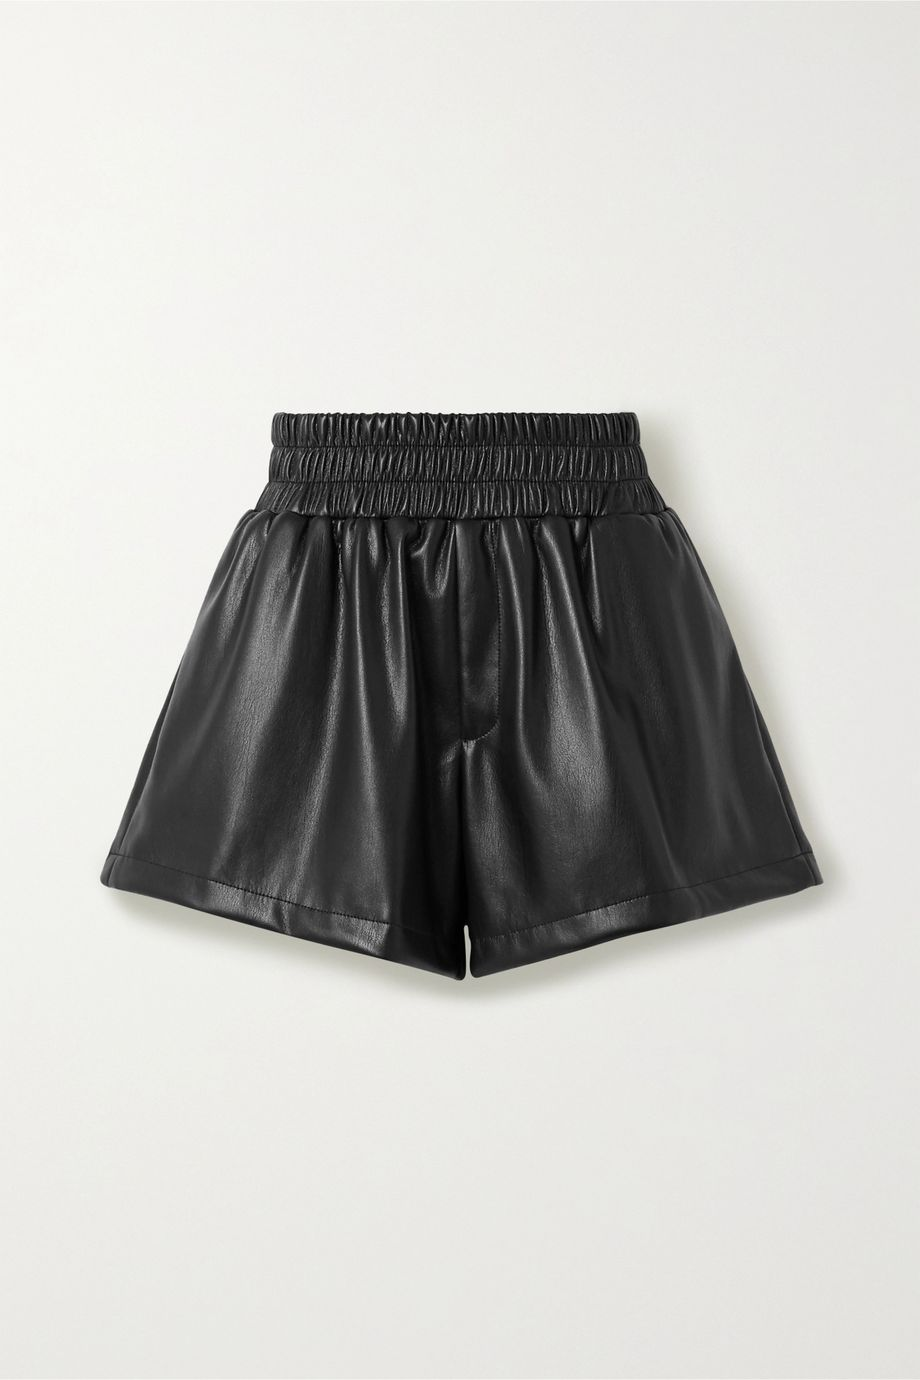 Les Rêveries Faux leather shorts